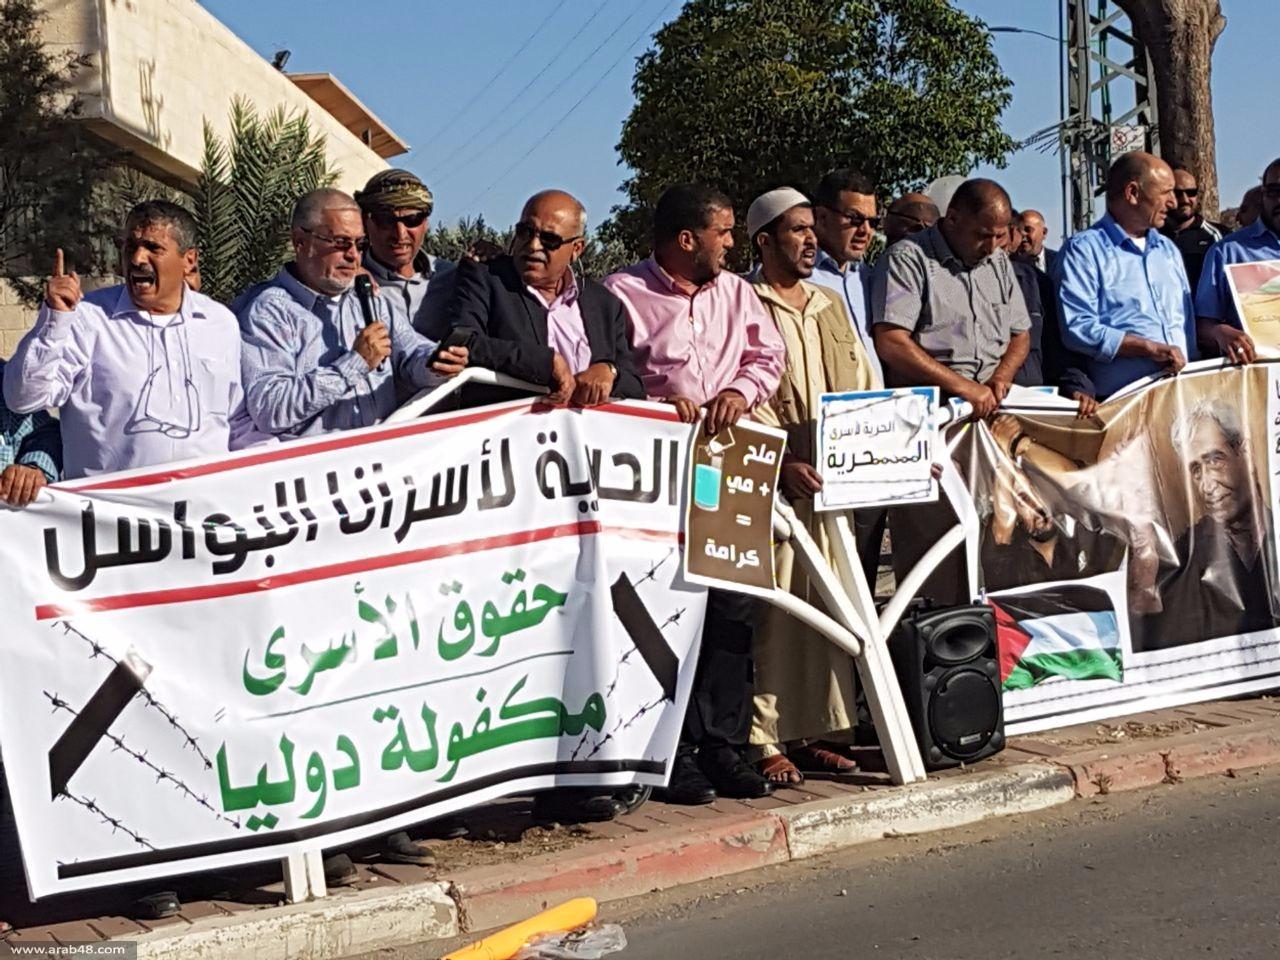 إسنادًا للأسرى: وقفات بعدة بلدات عربية